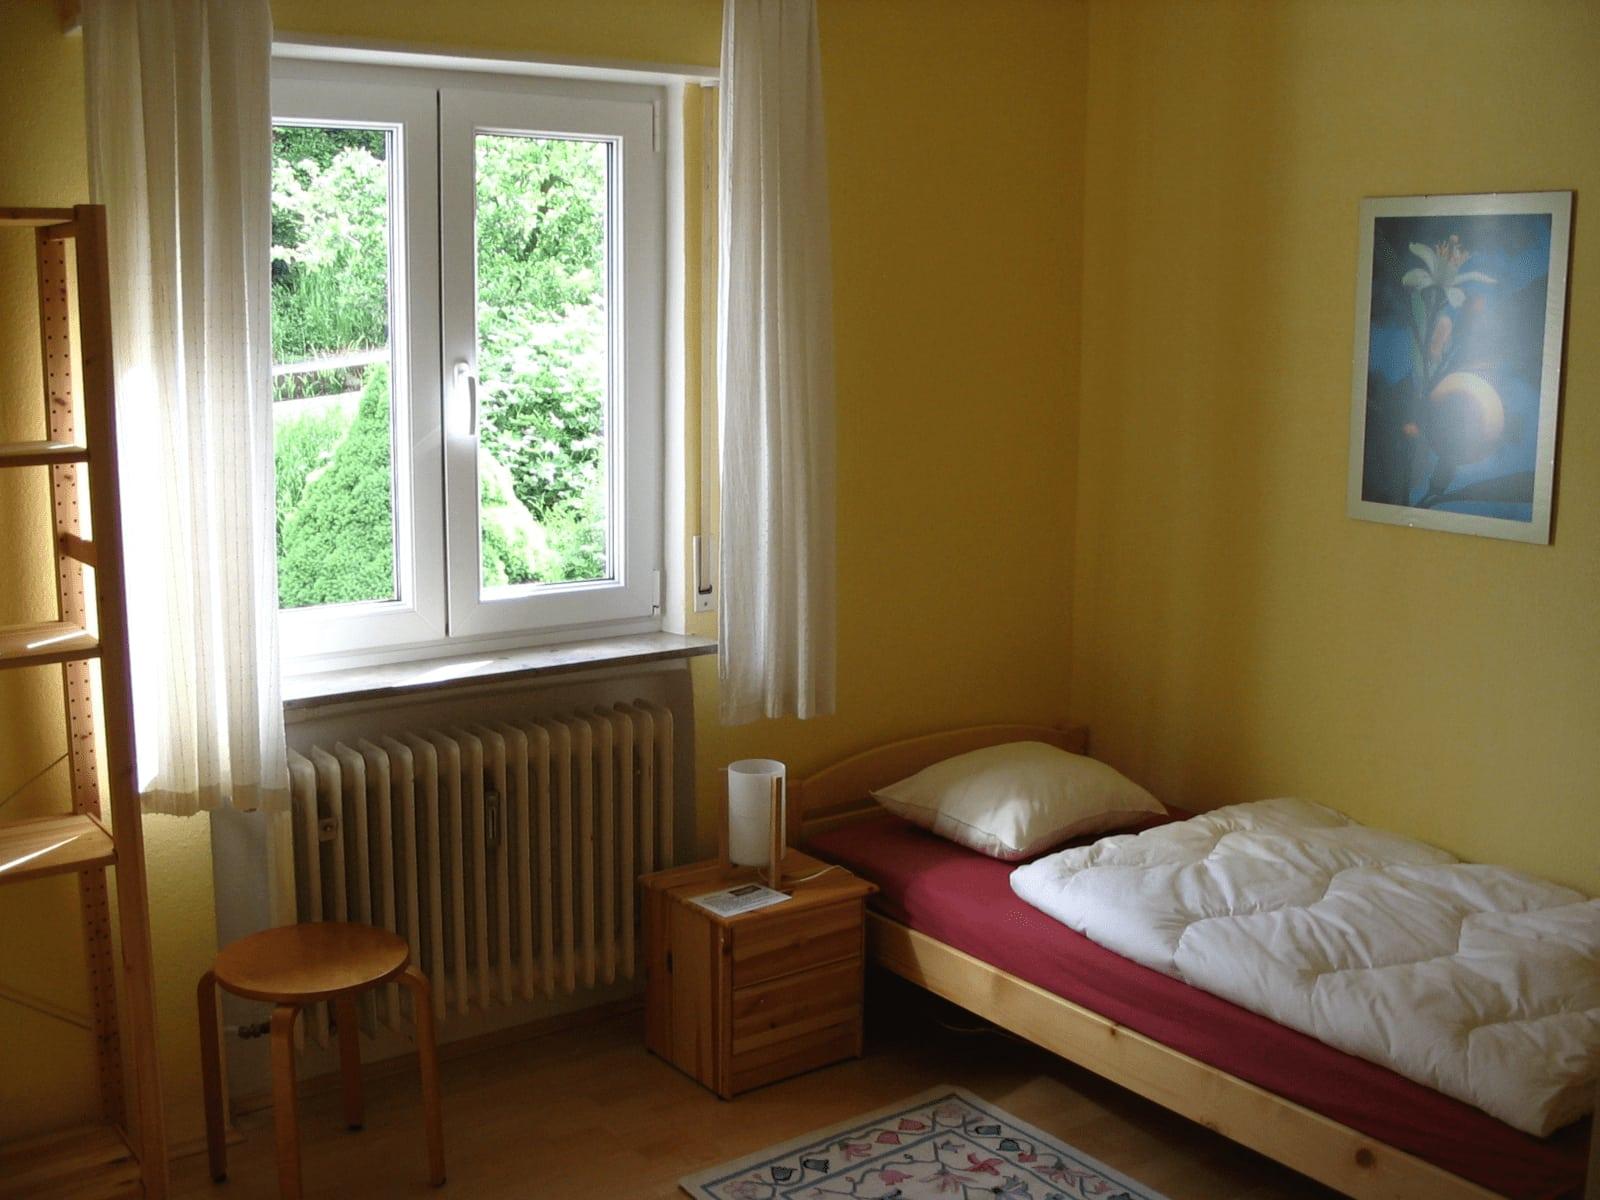 Cranio Sacral Ausbildung Seminare Haus Eckhart Zimmer 2